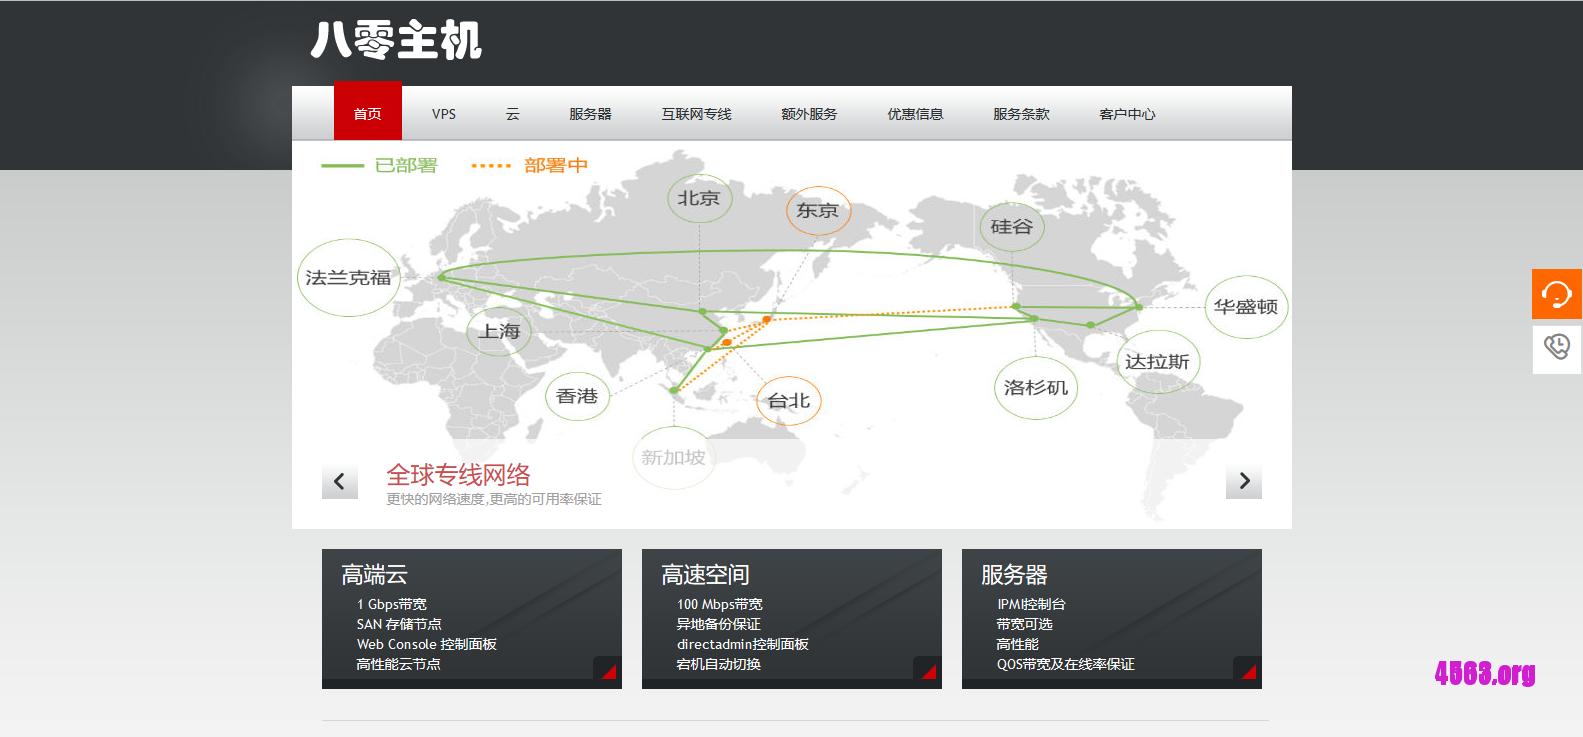 80host:1799元/月/L5630*2/32GB内存/2TB硬盘/不限流量/1Gbps/香港PCCW